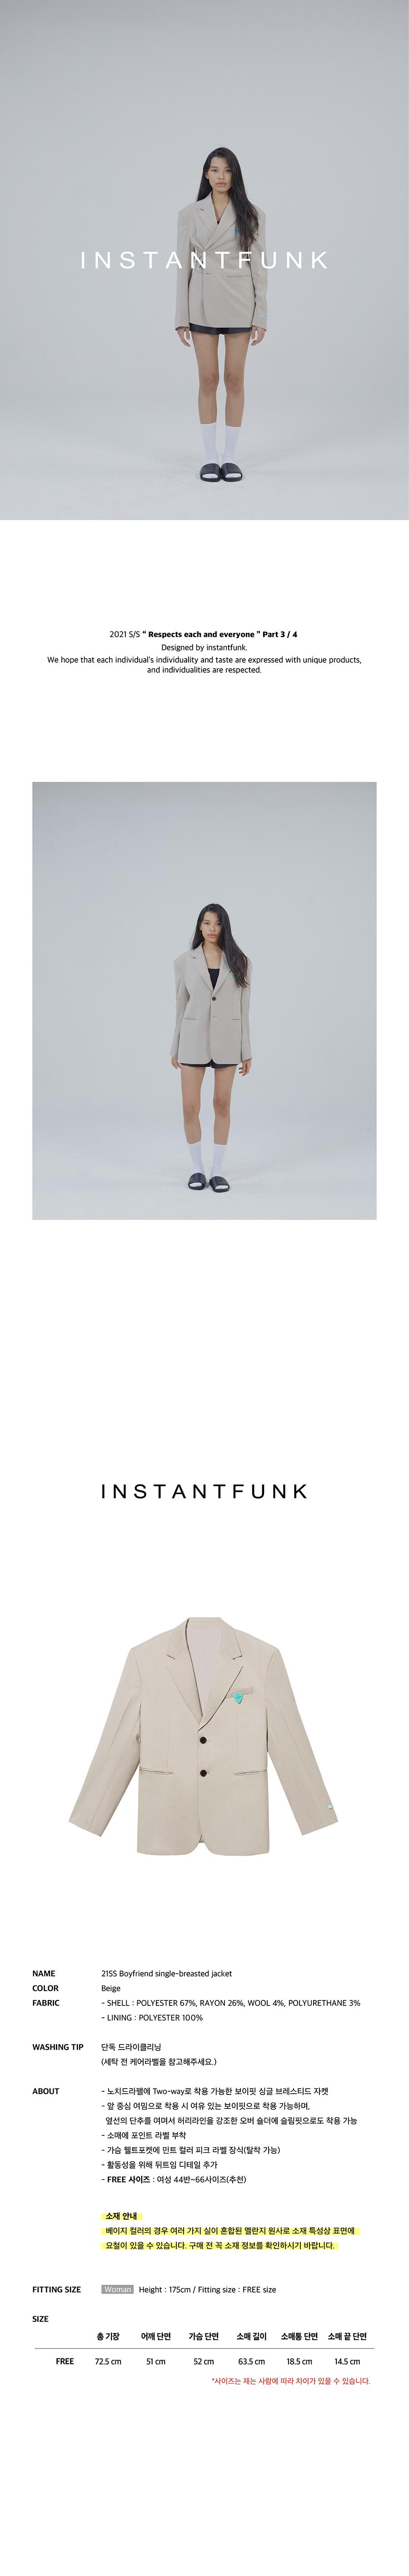 인스턴트펑크(INSTANTFUNK) 21SS 매니쉬 싱글 자켓 - 베이지